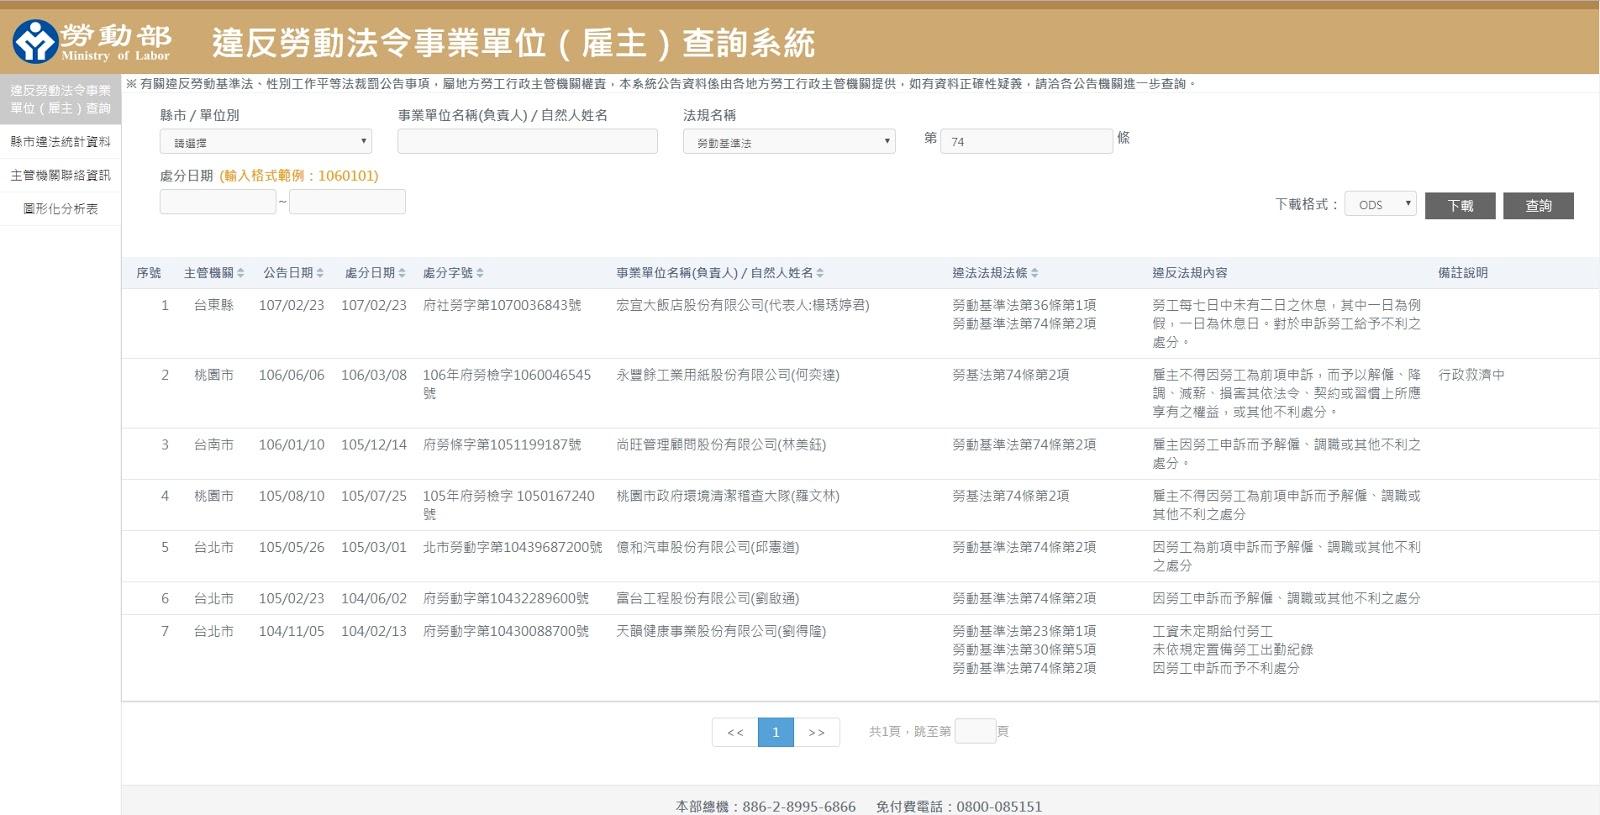 違反勞動法令事業單位(雇主)查詢系統-勞基法第74條